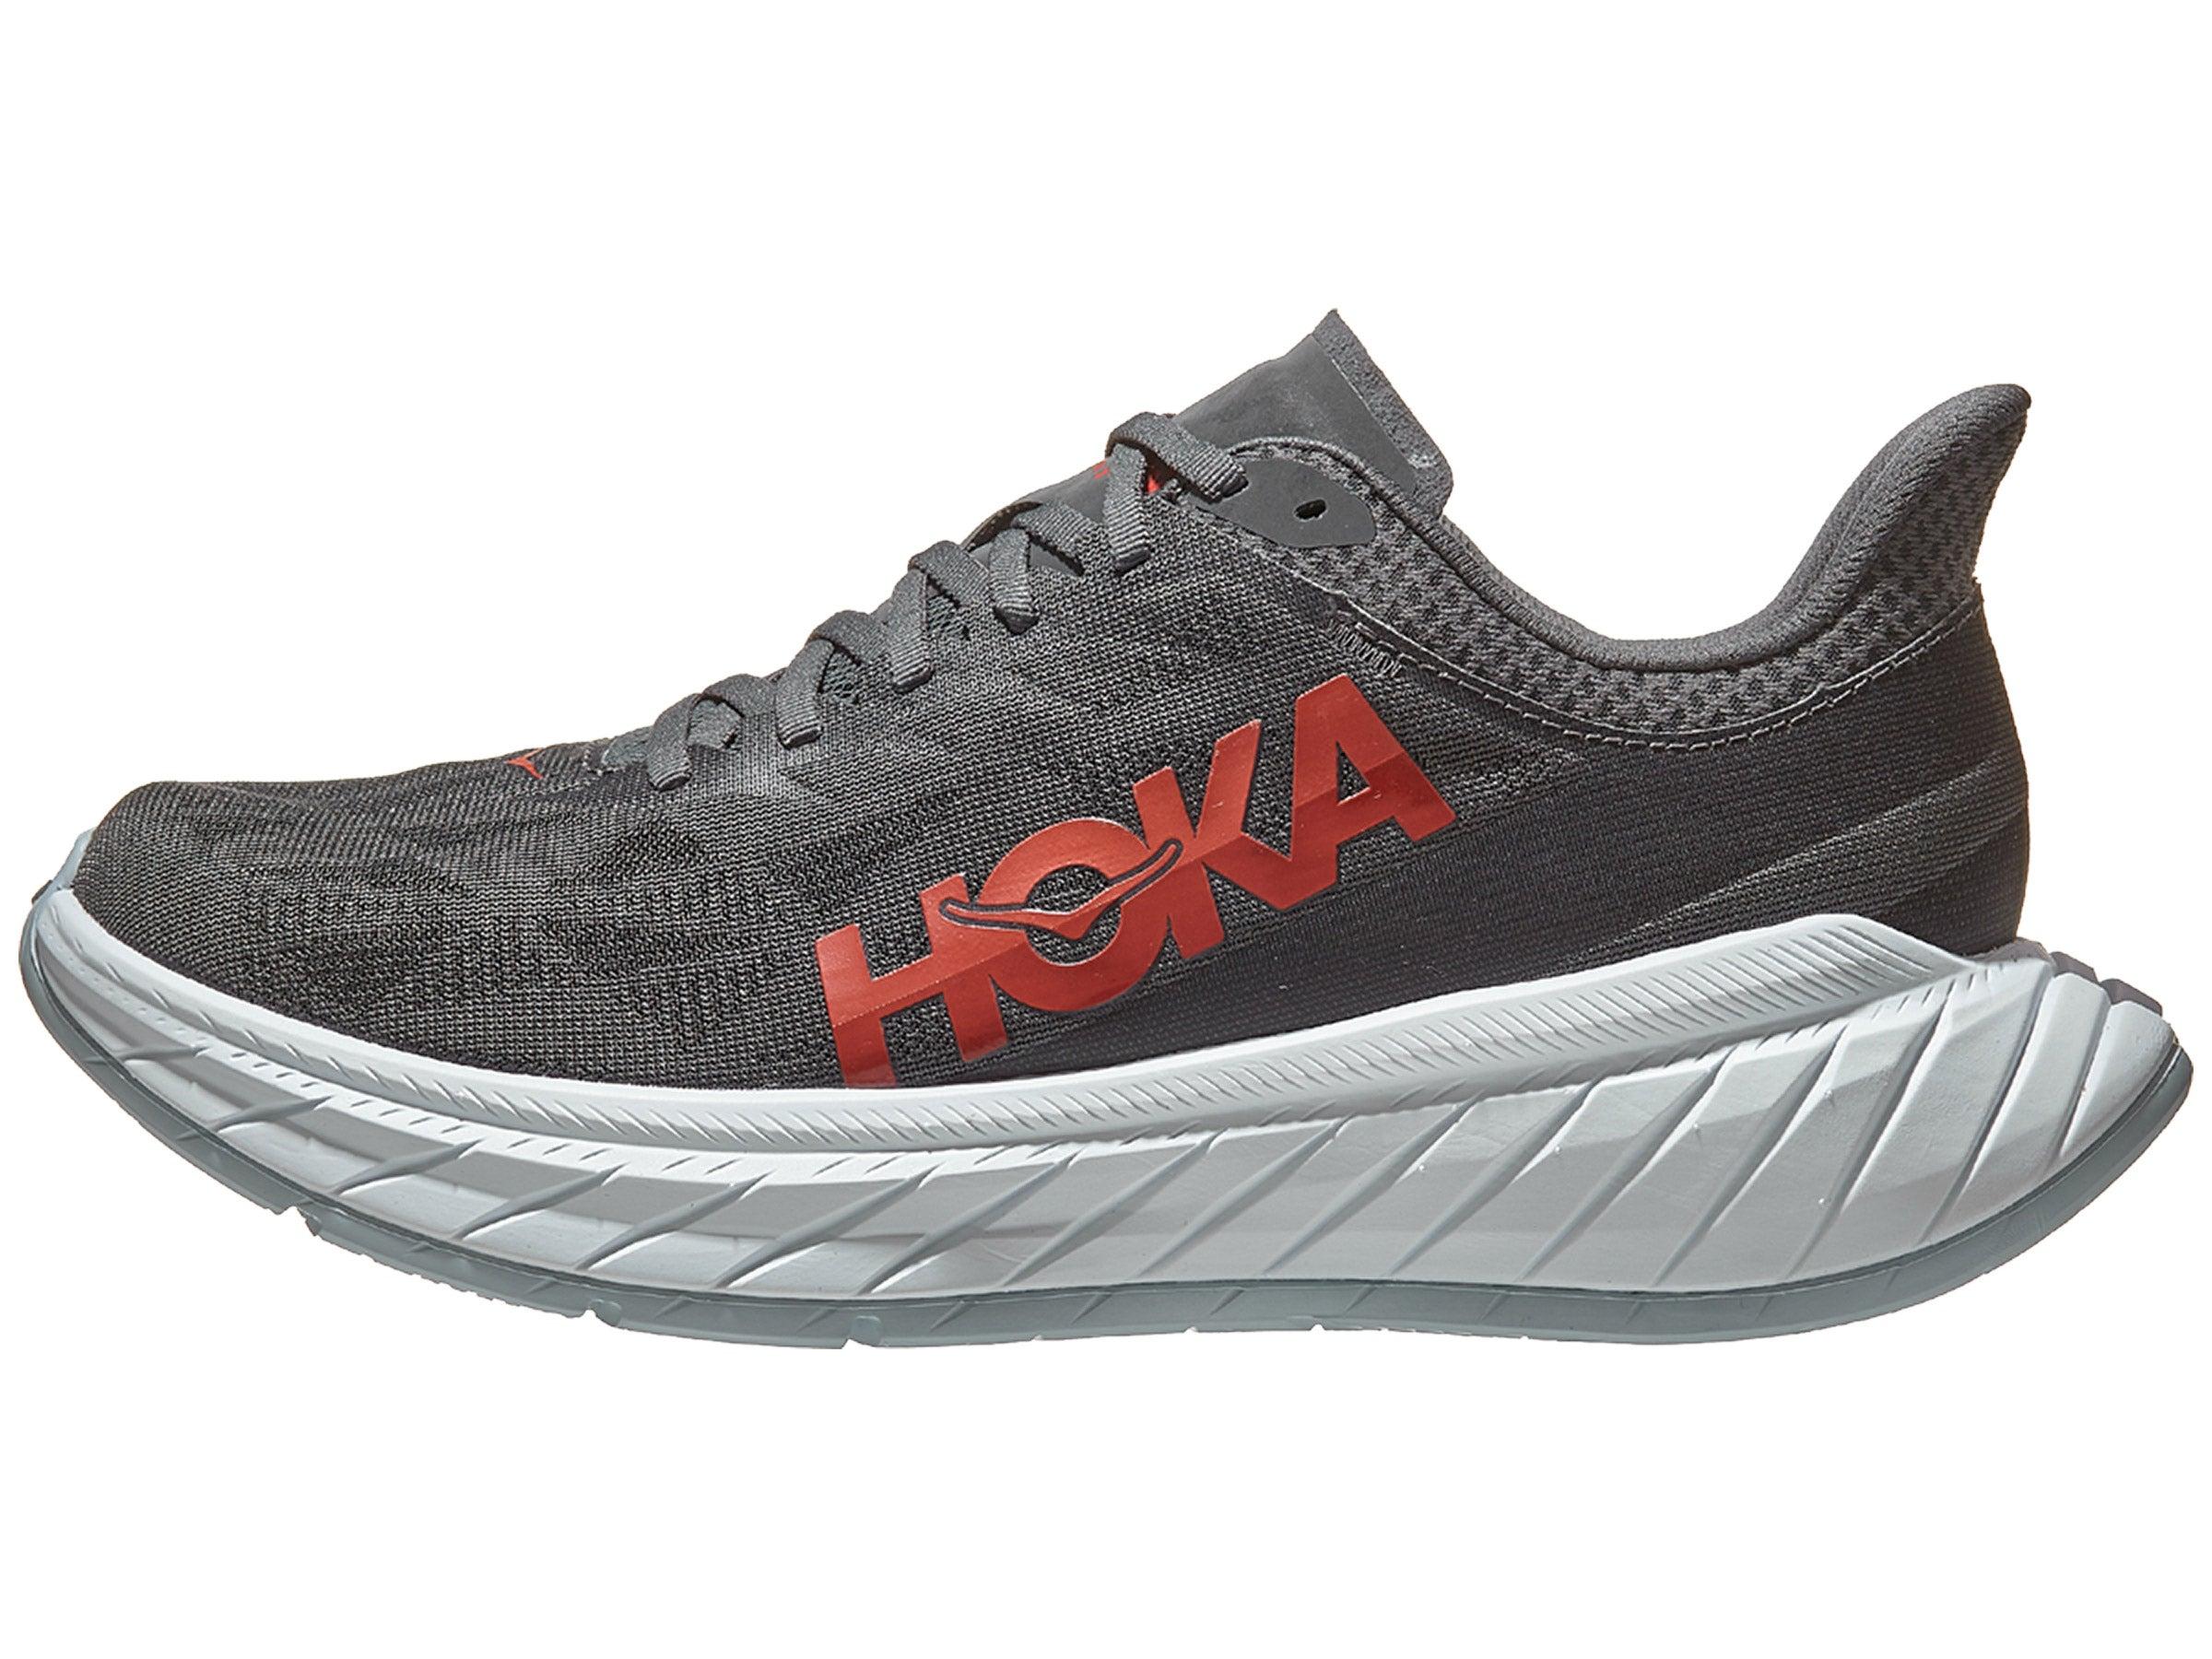 Hocxm22-1